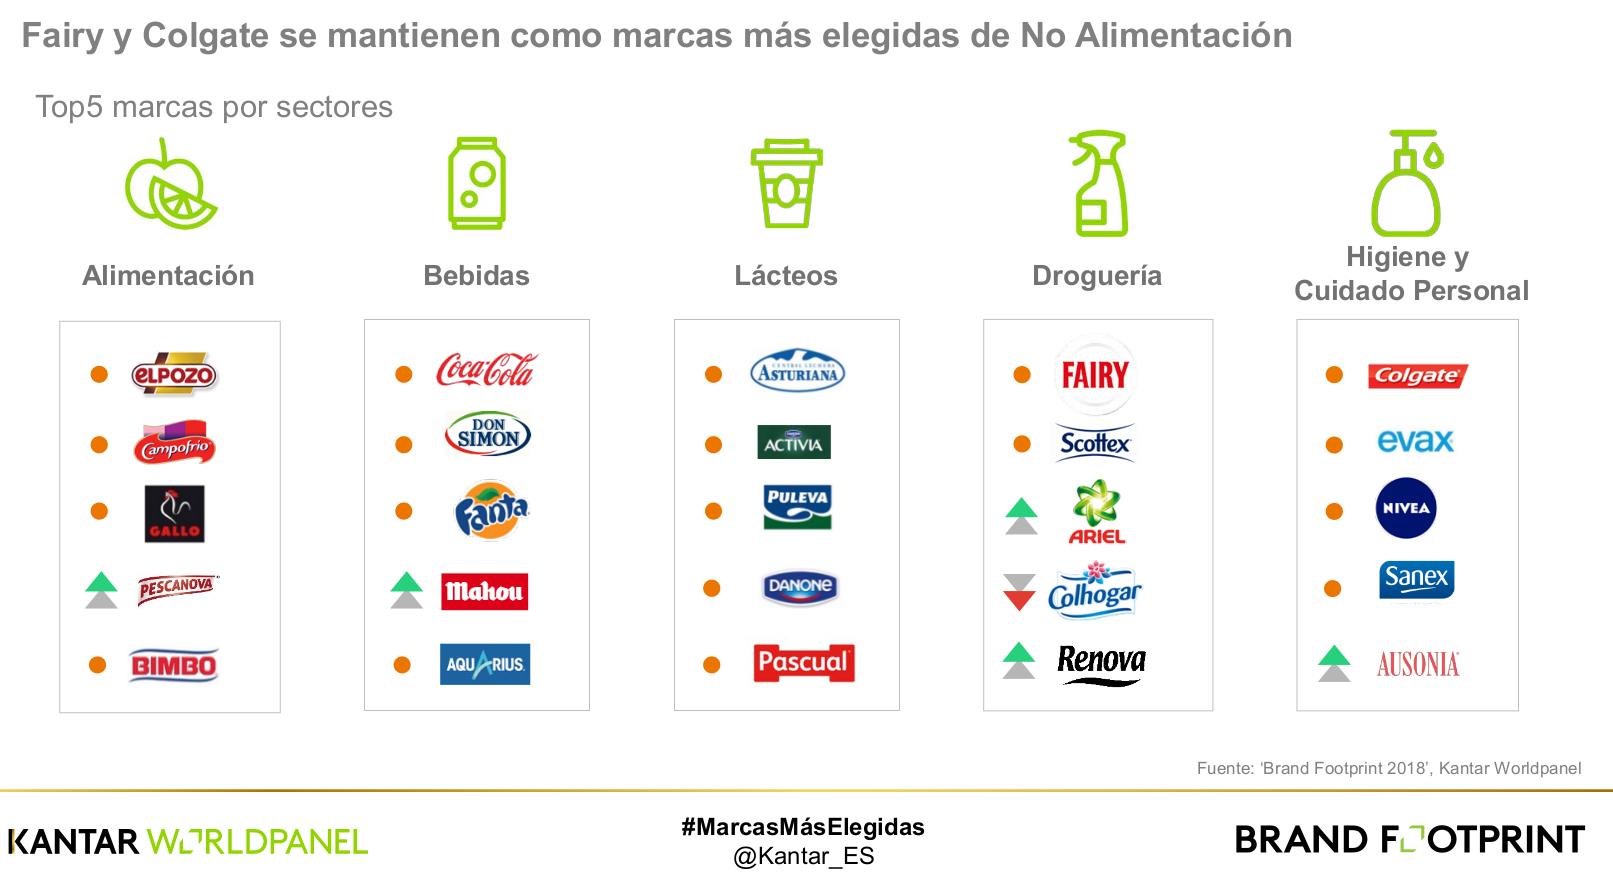 ¿Cuáles son las marcas de gran consumo más vendidas en España?